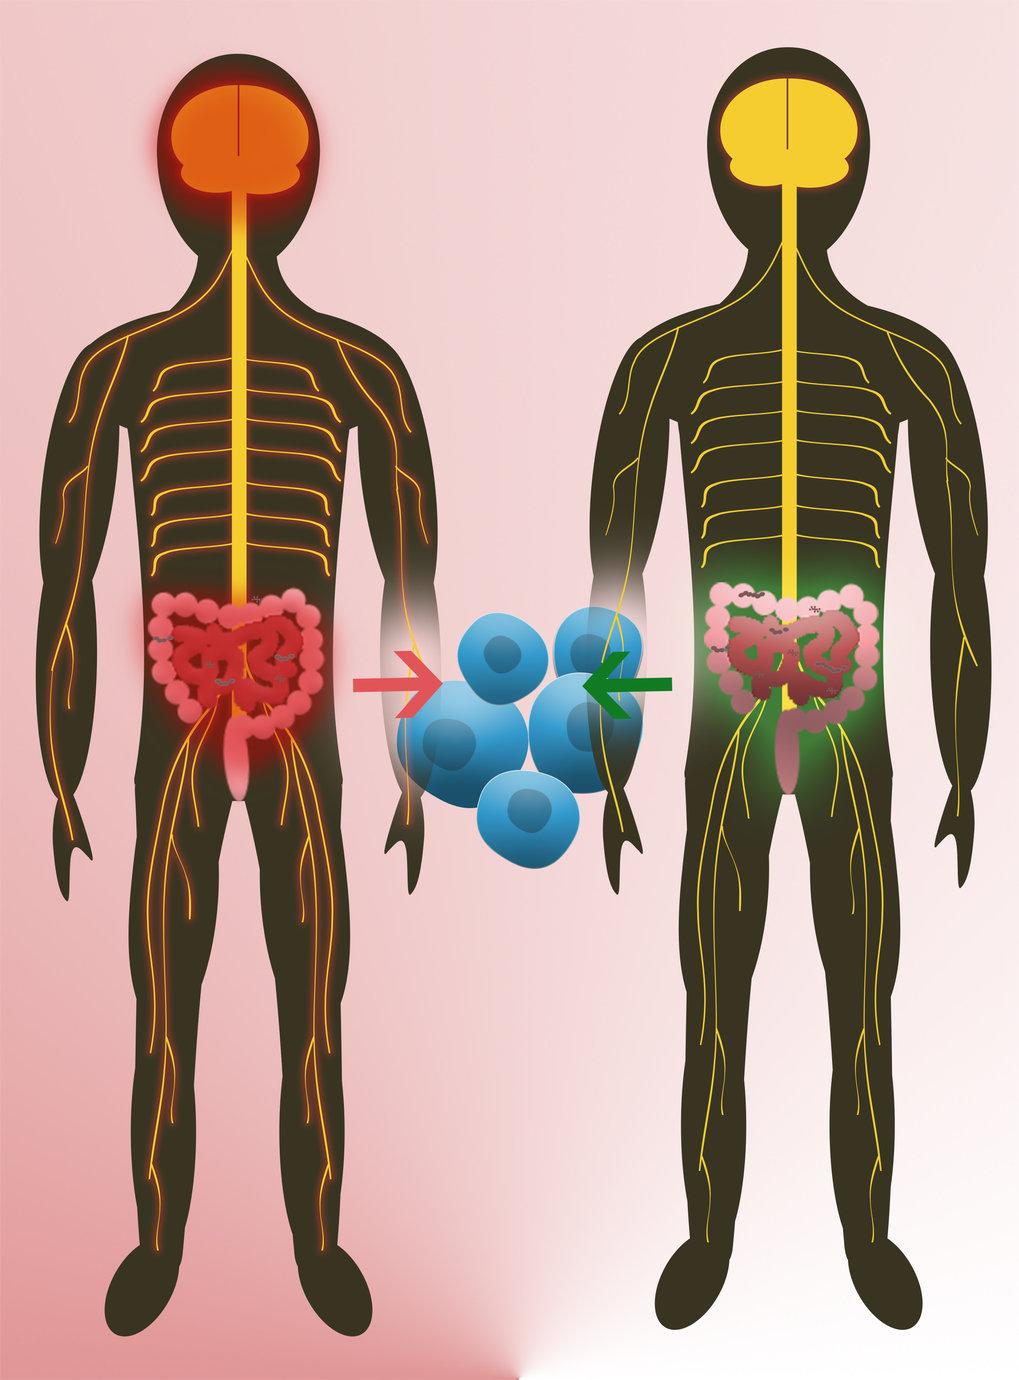 Zwillingsstudien zeigen, dass die natürliche Darmflora darauf Einfluss hat, ob ein Mensch an Multipler Sklerose erkrankt (links). Eine zentrale Rolle